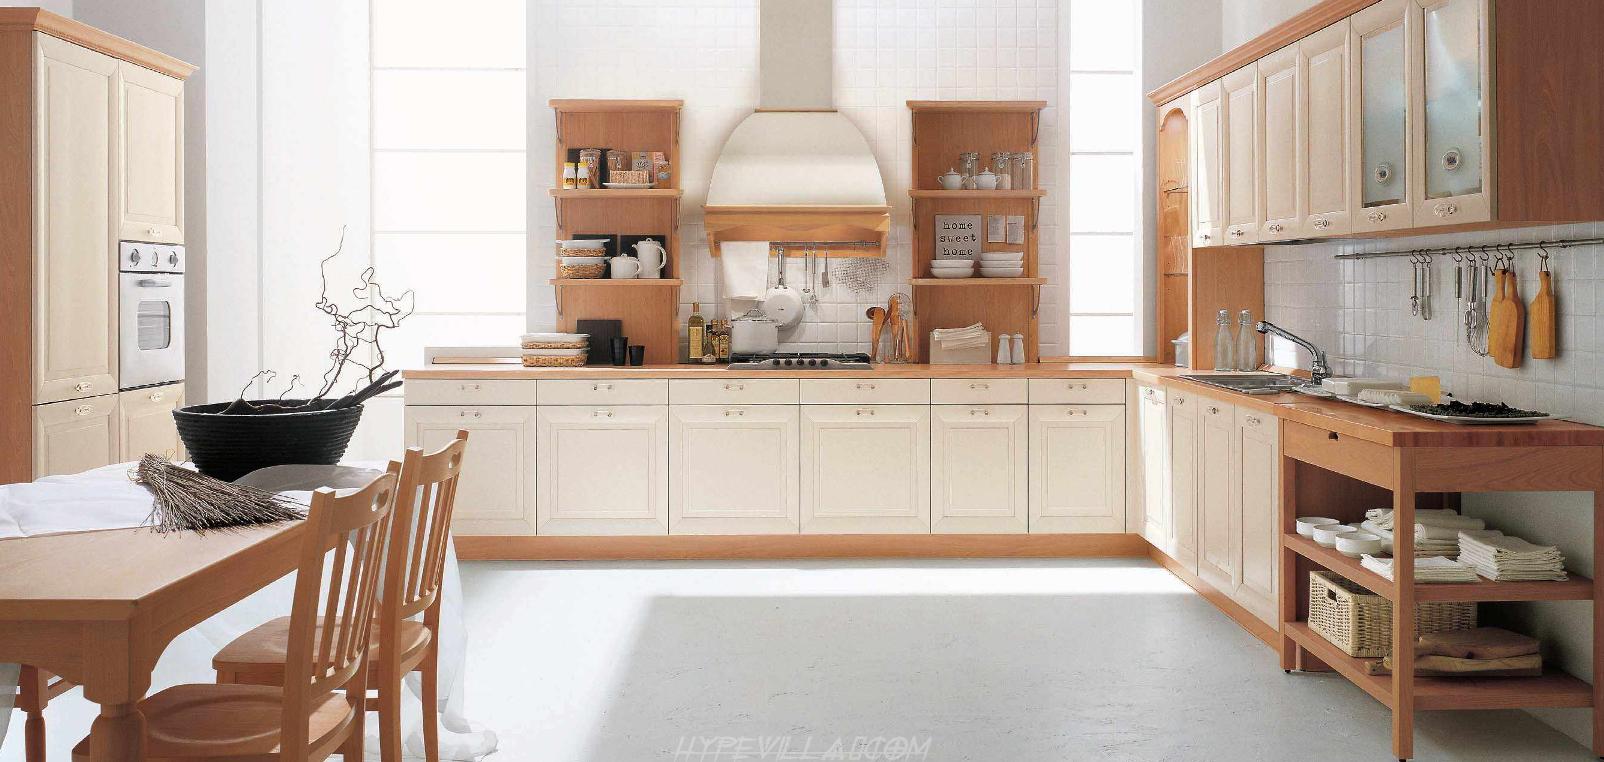 Spacy Kitchen Arrangement Ideas